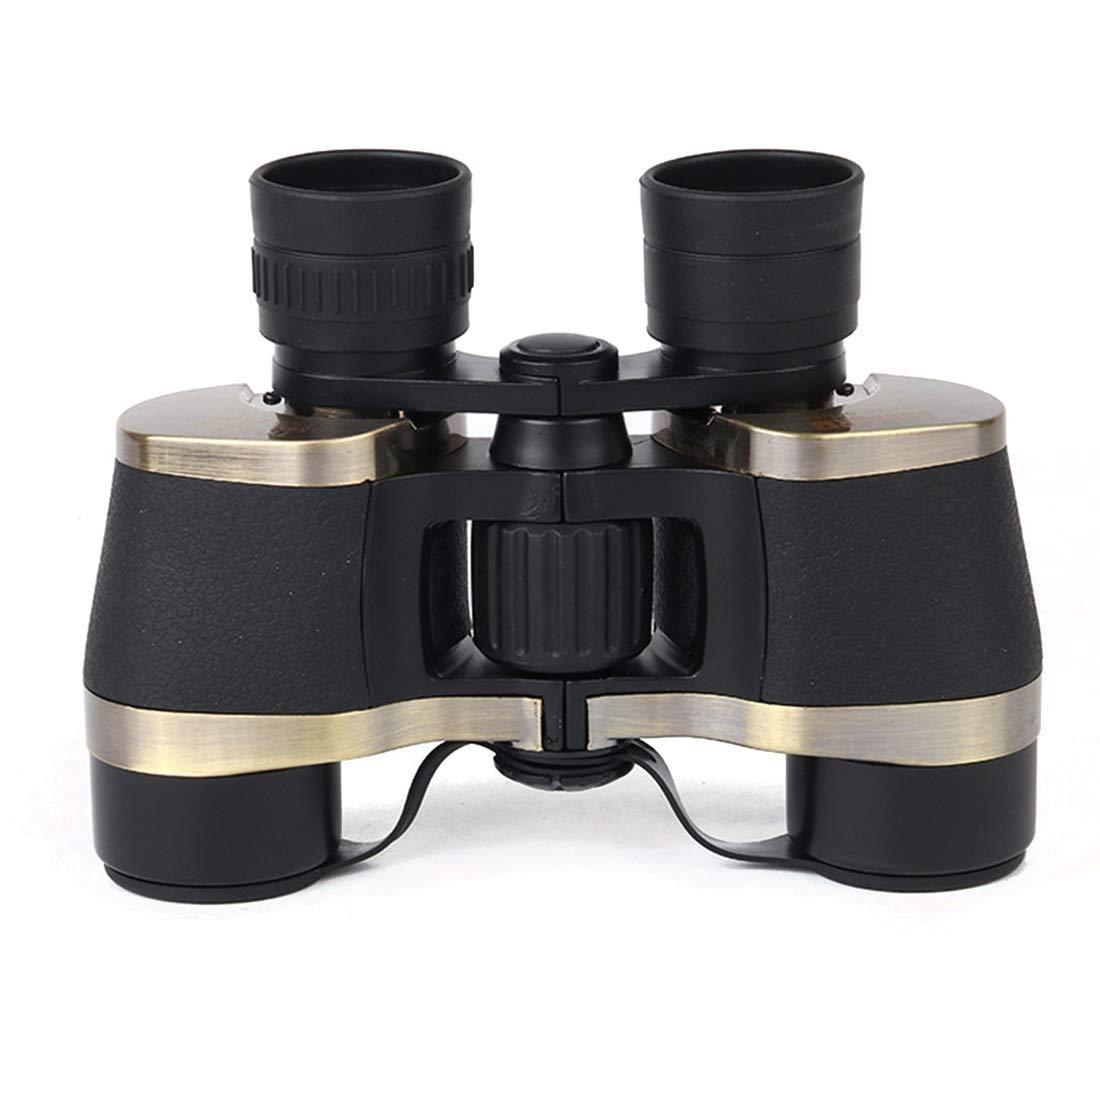 早割クーポン! Nekovan Nekovan 屋外用ポータブル望遠鏡を見る双眼鏡7X32高精細低照度ナイトビジョンコンサート ブラック B07Q7FJRSN, カラークリエイト:00512c85 --- agiven.com